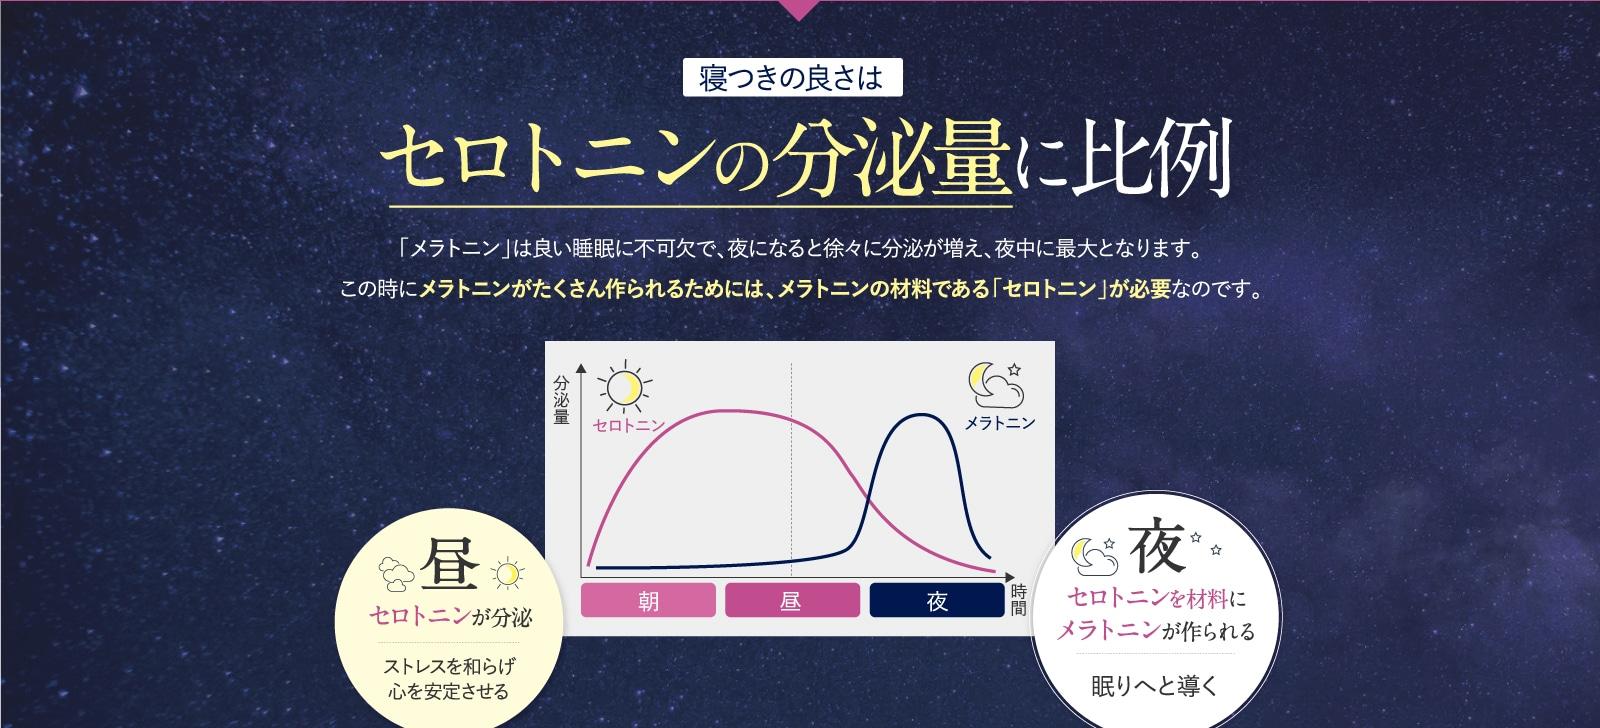 寝つきの良さはセロトニンの分泌量に比例